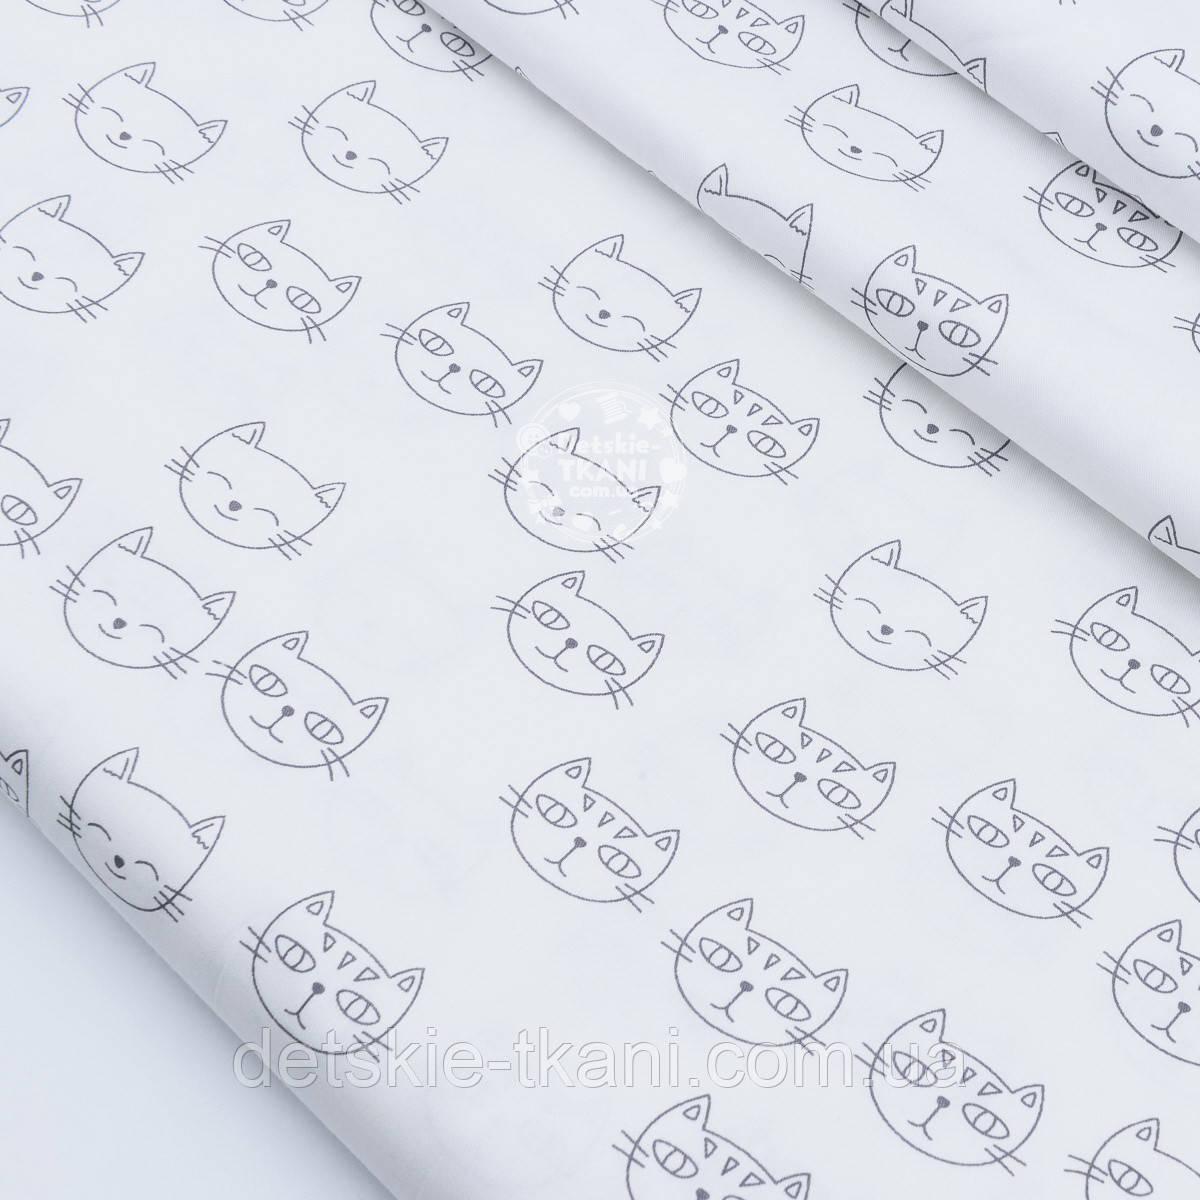 """Сатин ткань """"Мордочки котов"""" серые на белом, № 1706с"""